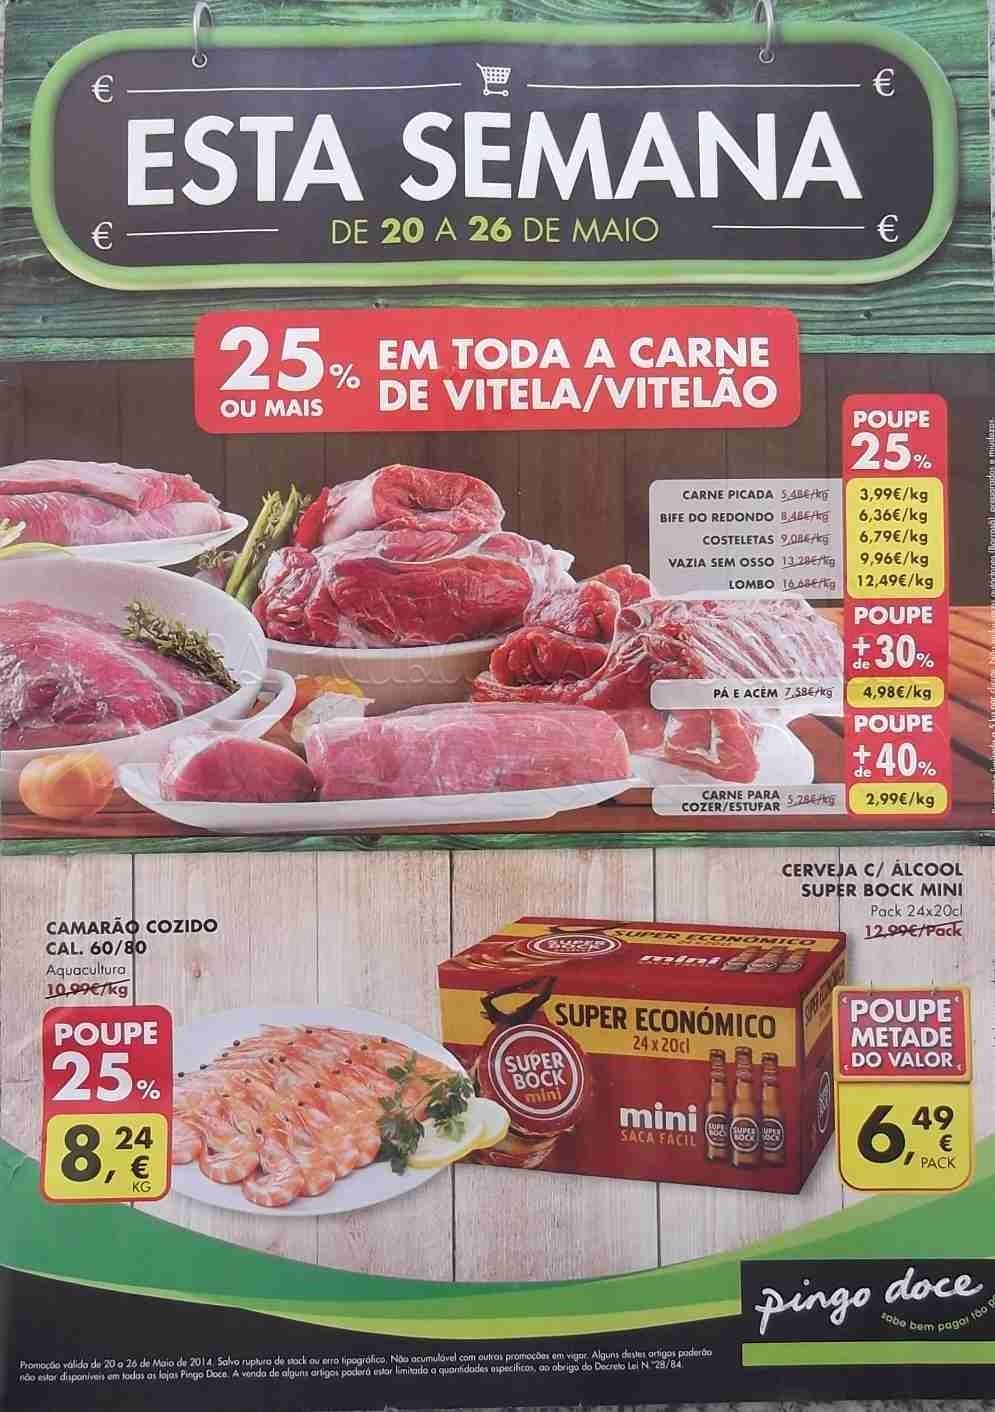 Antevisão Promoções Novo Folheto Pingo Doce - de 20 a 26 maio - Parte1